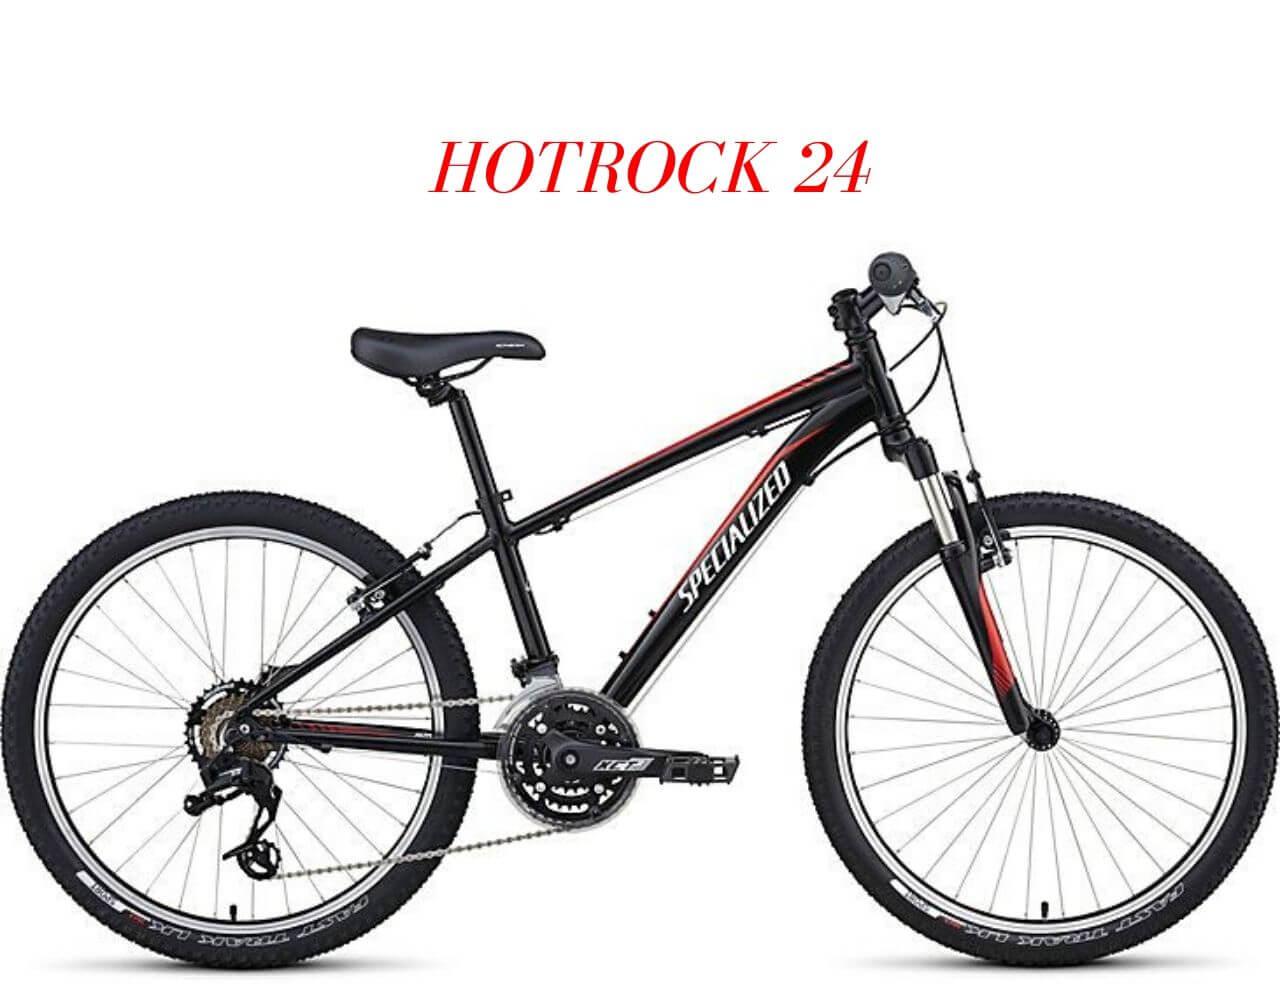 Hotrock24